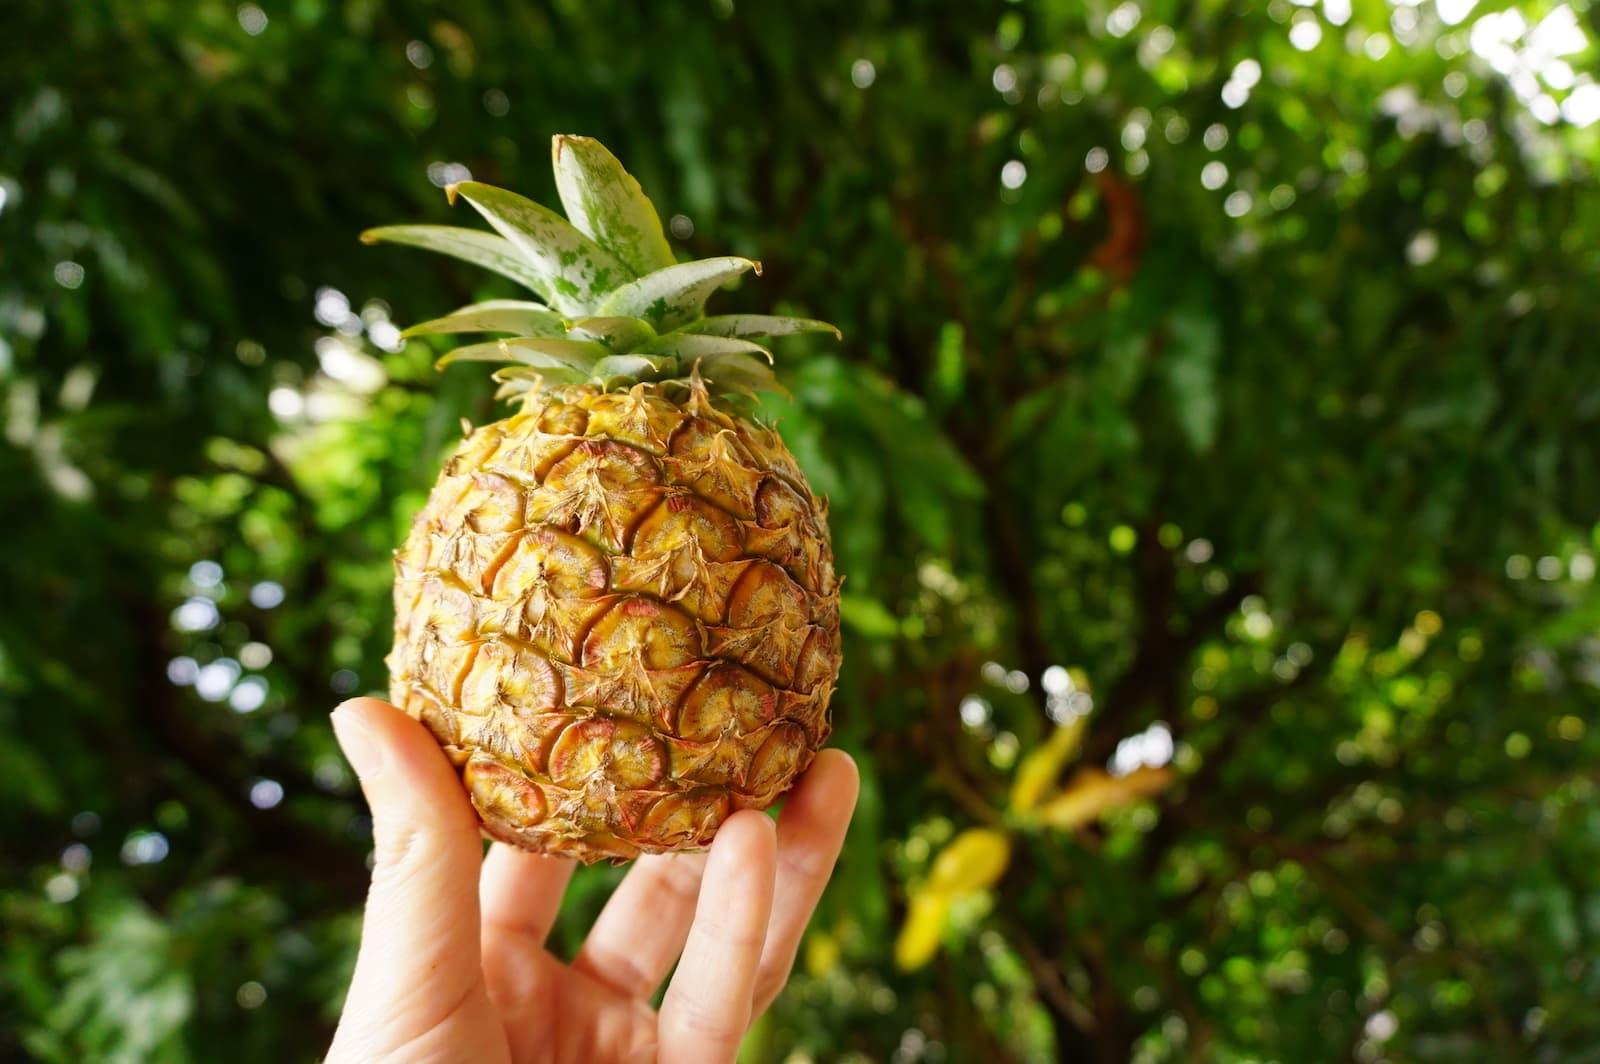 Voyage en Guadeloupe : où faire ses courses, quoi manger ?